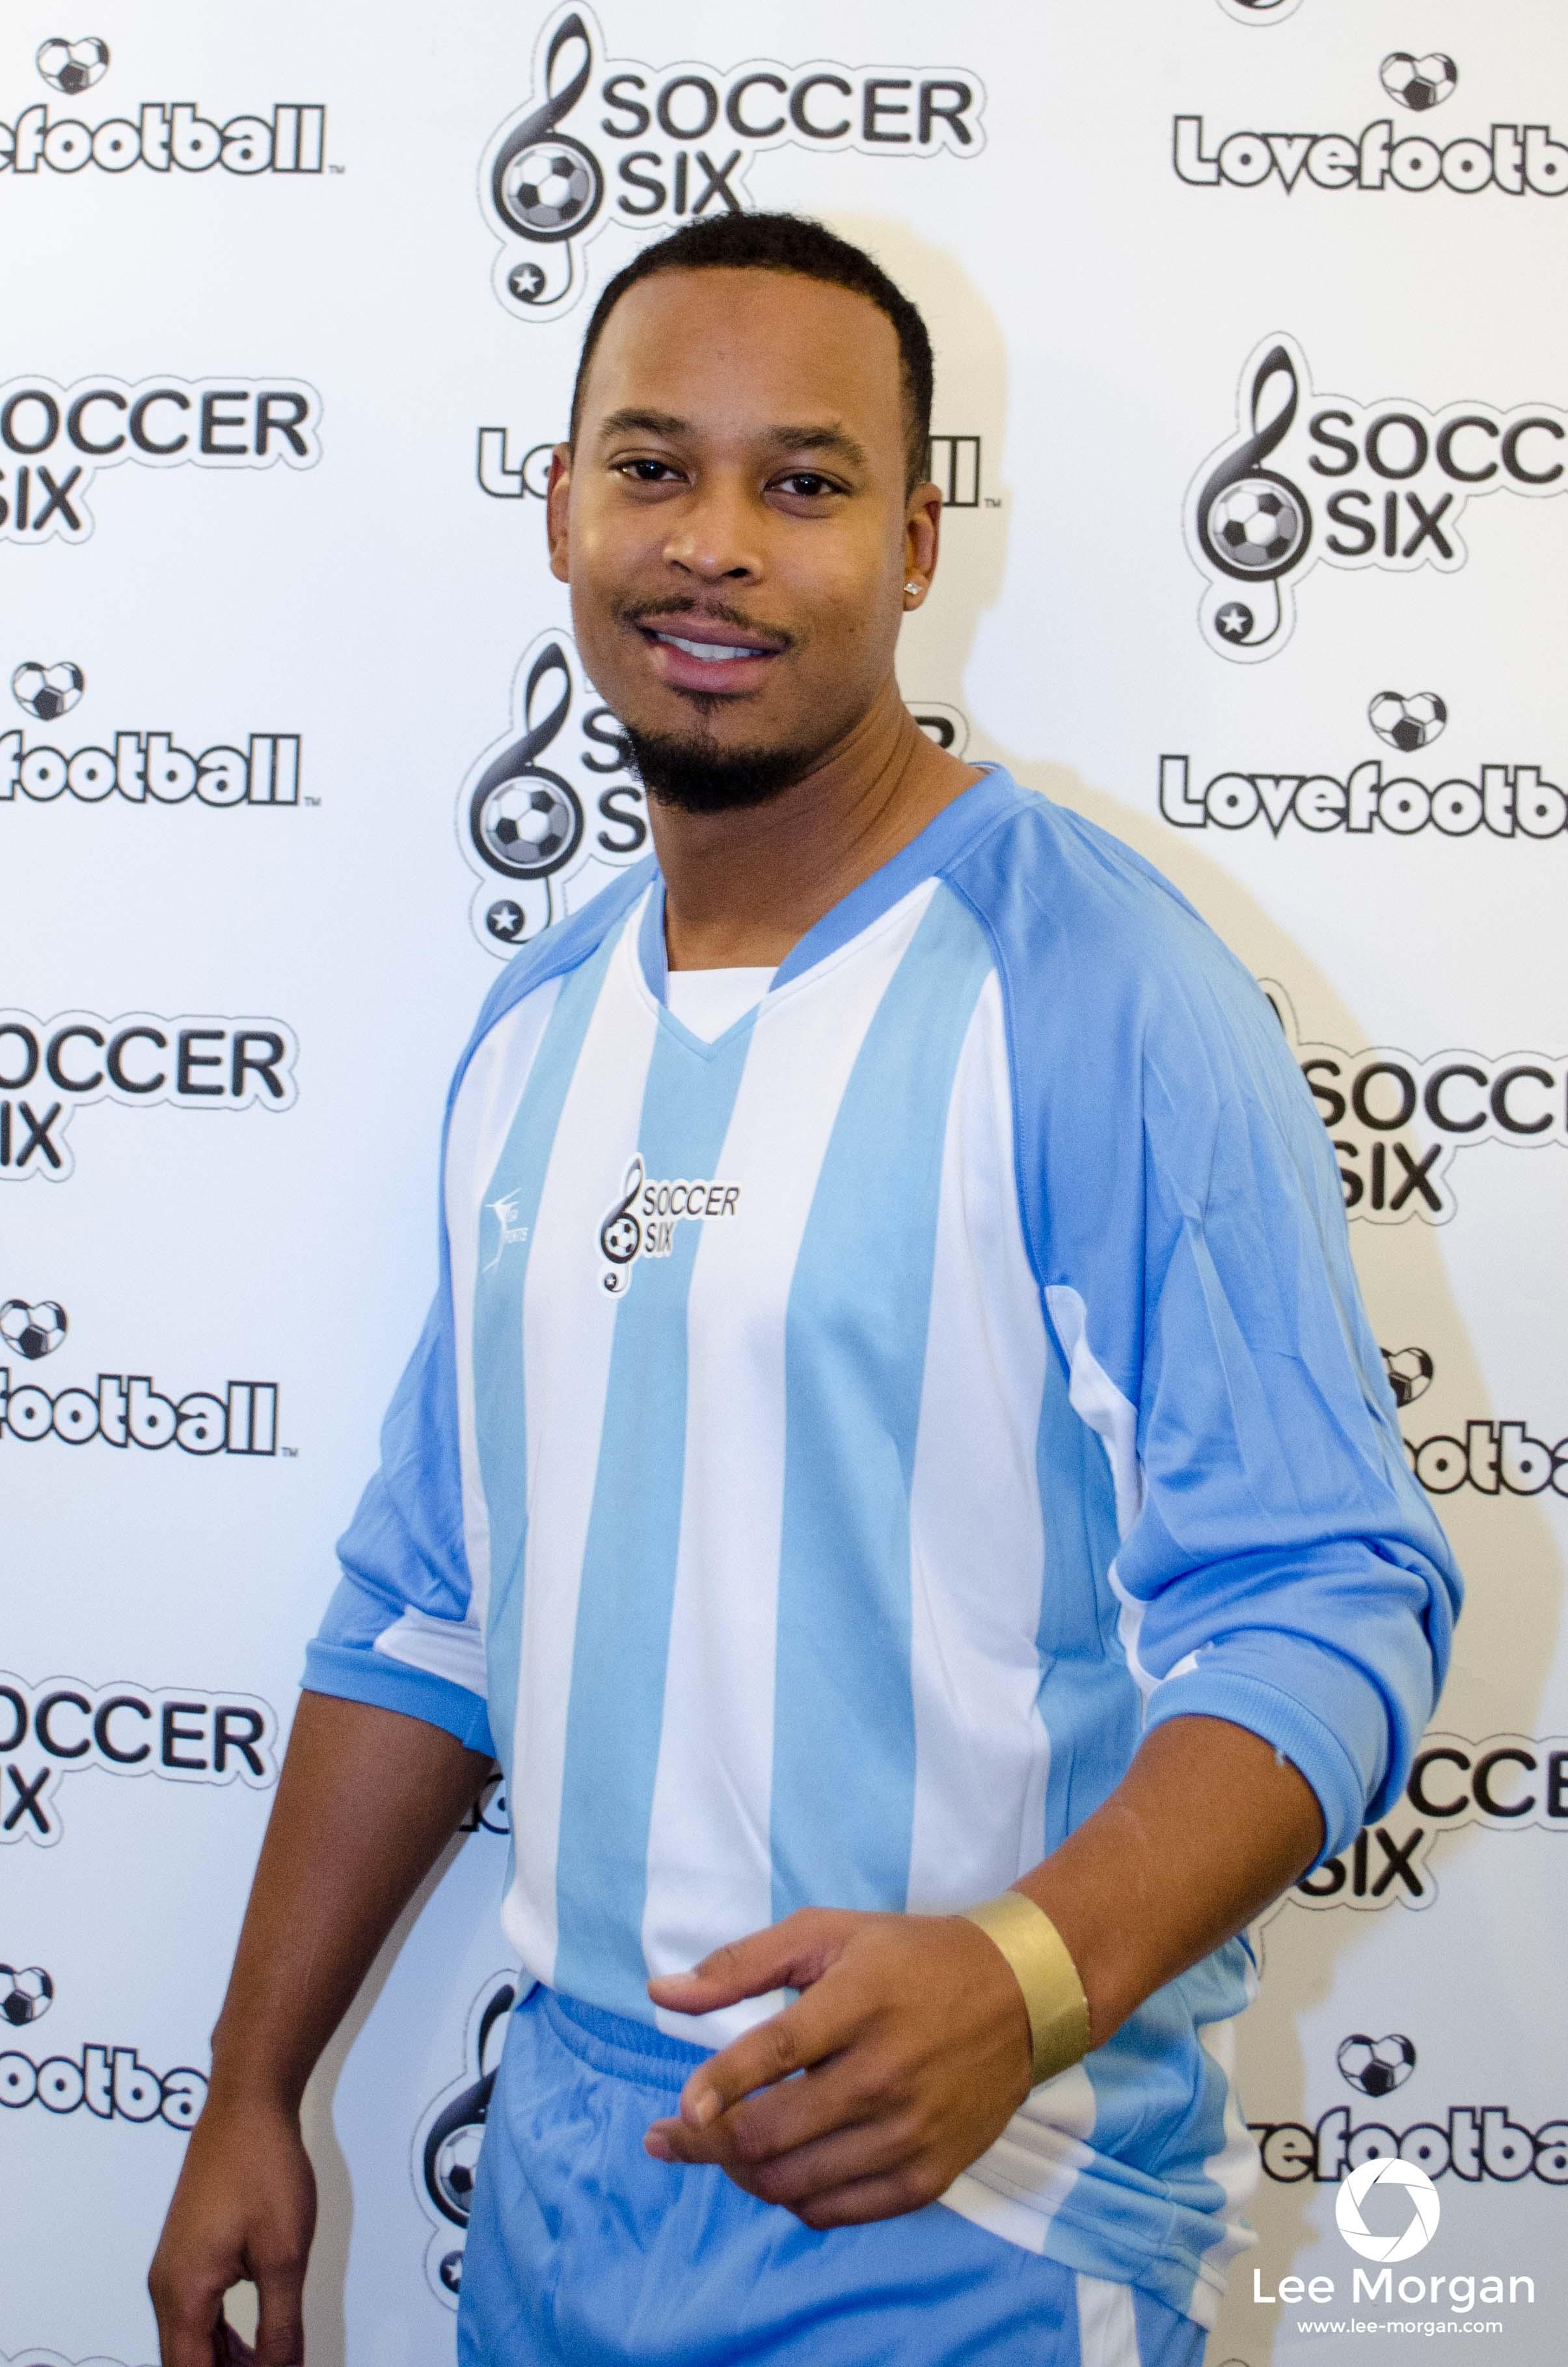 Soccer Six